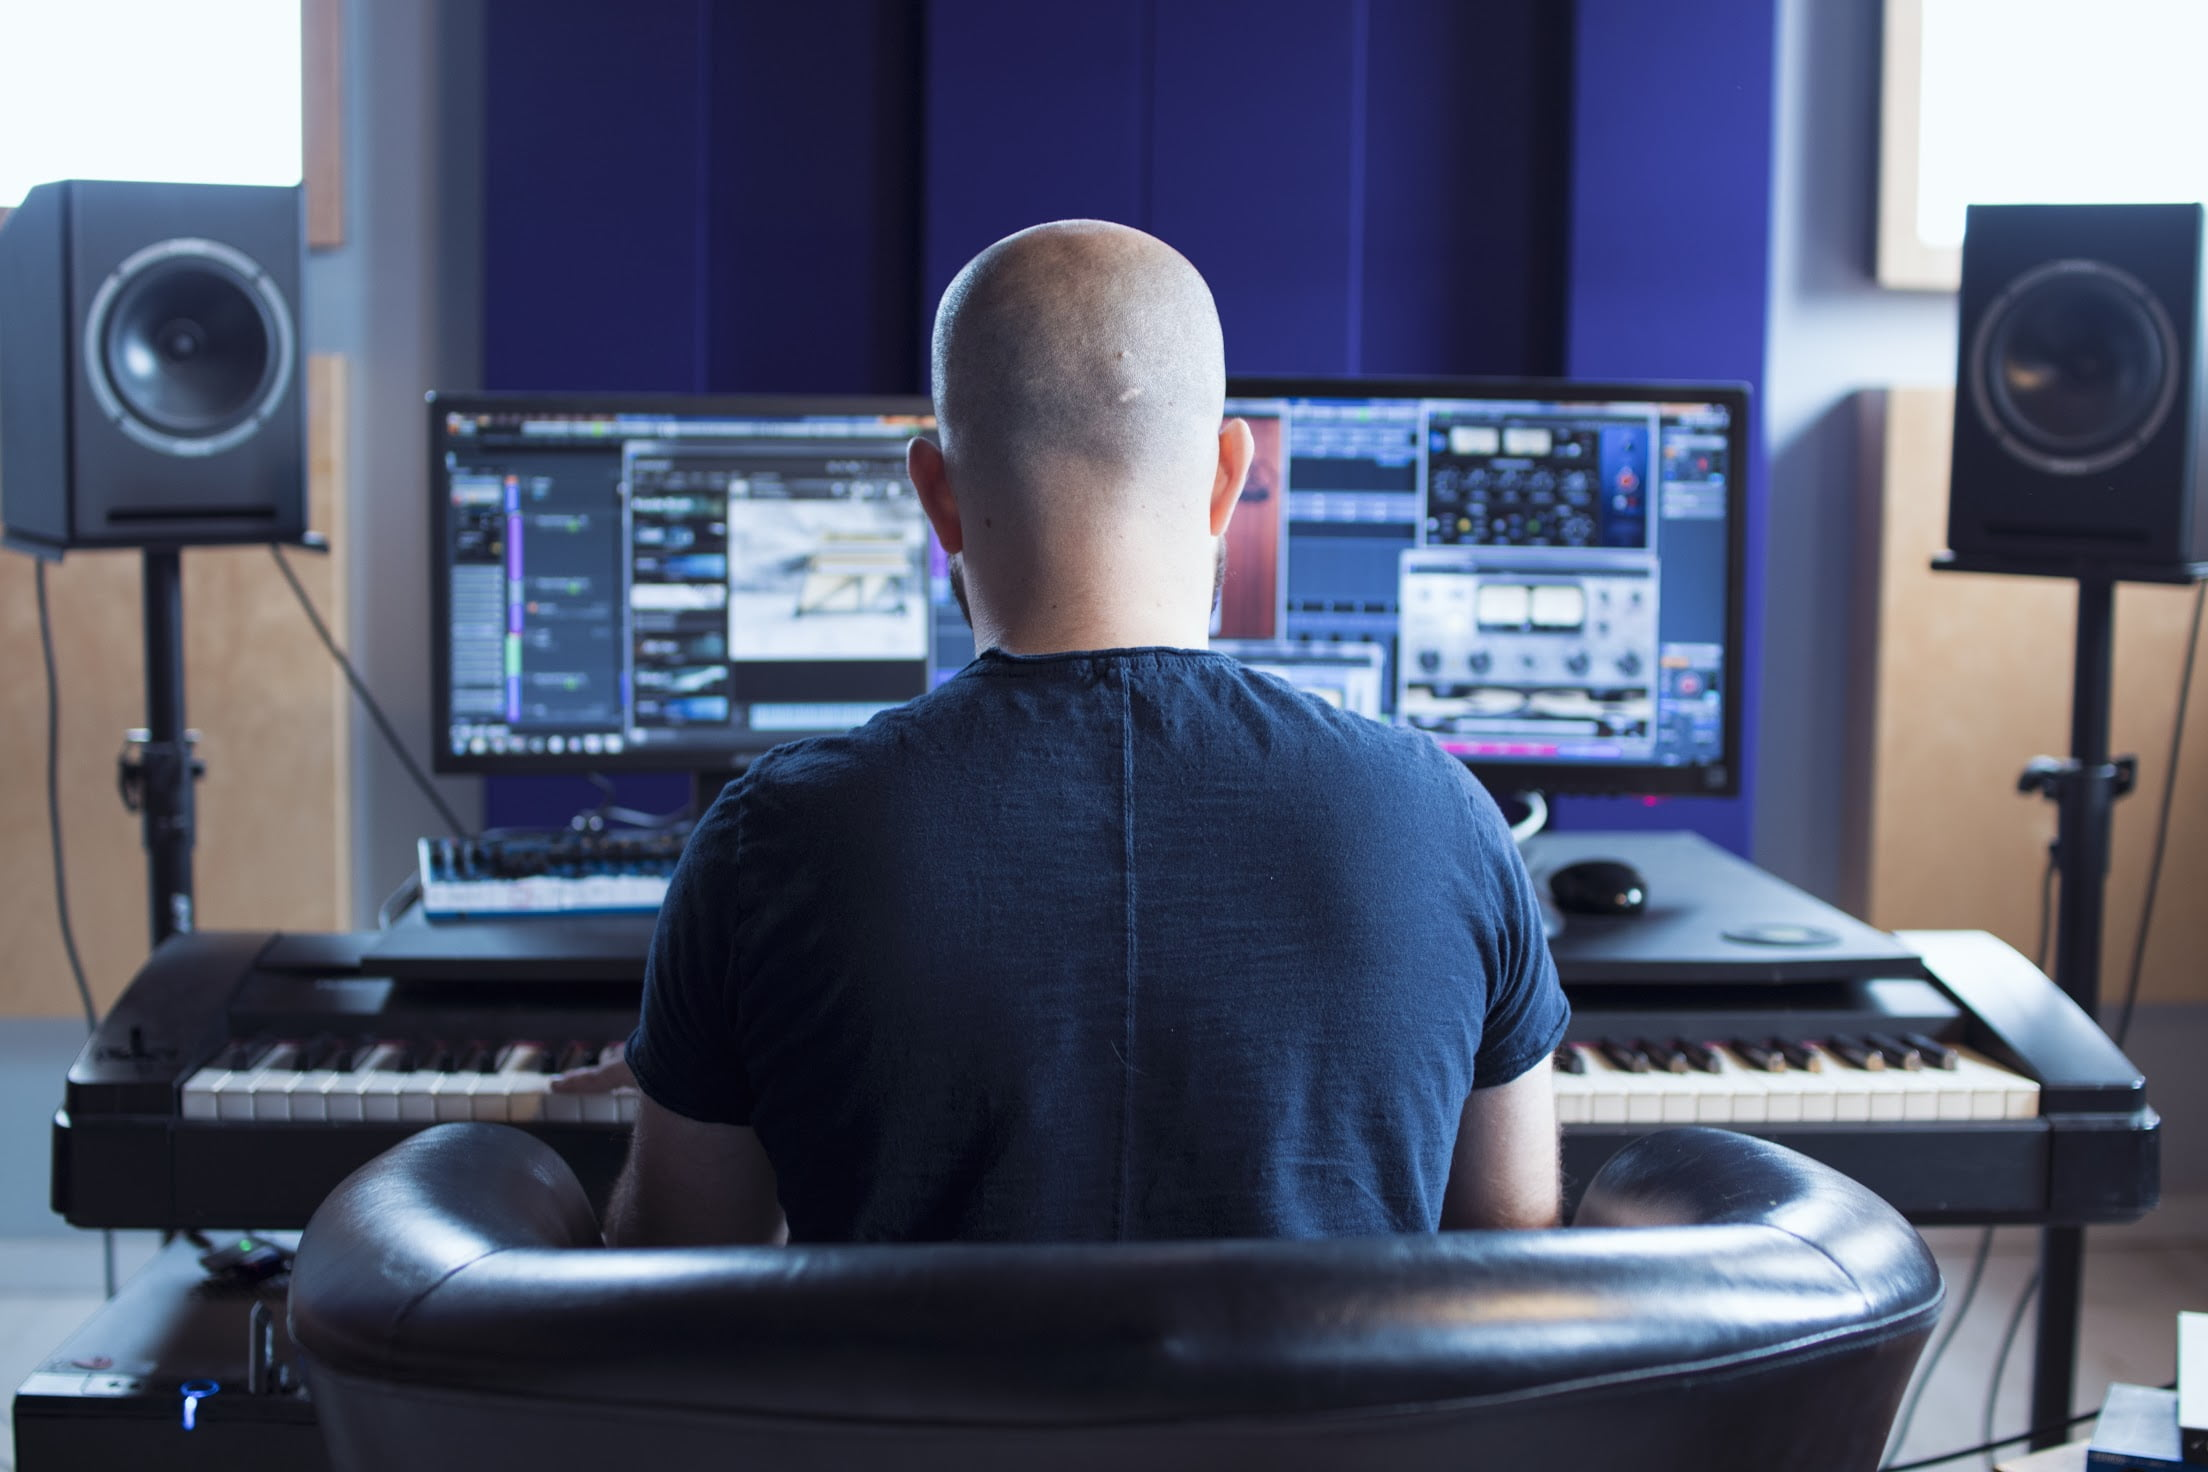 מה מפיק מוזיקלי צריך לדעת? מדריך למתחילים